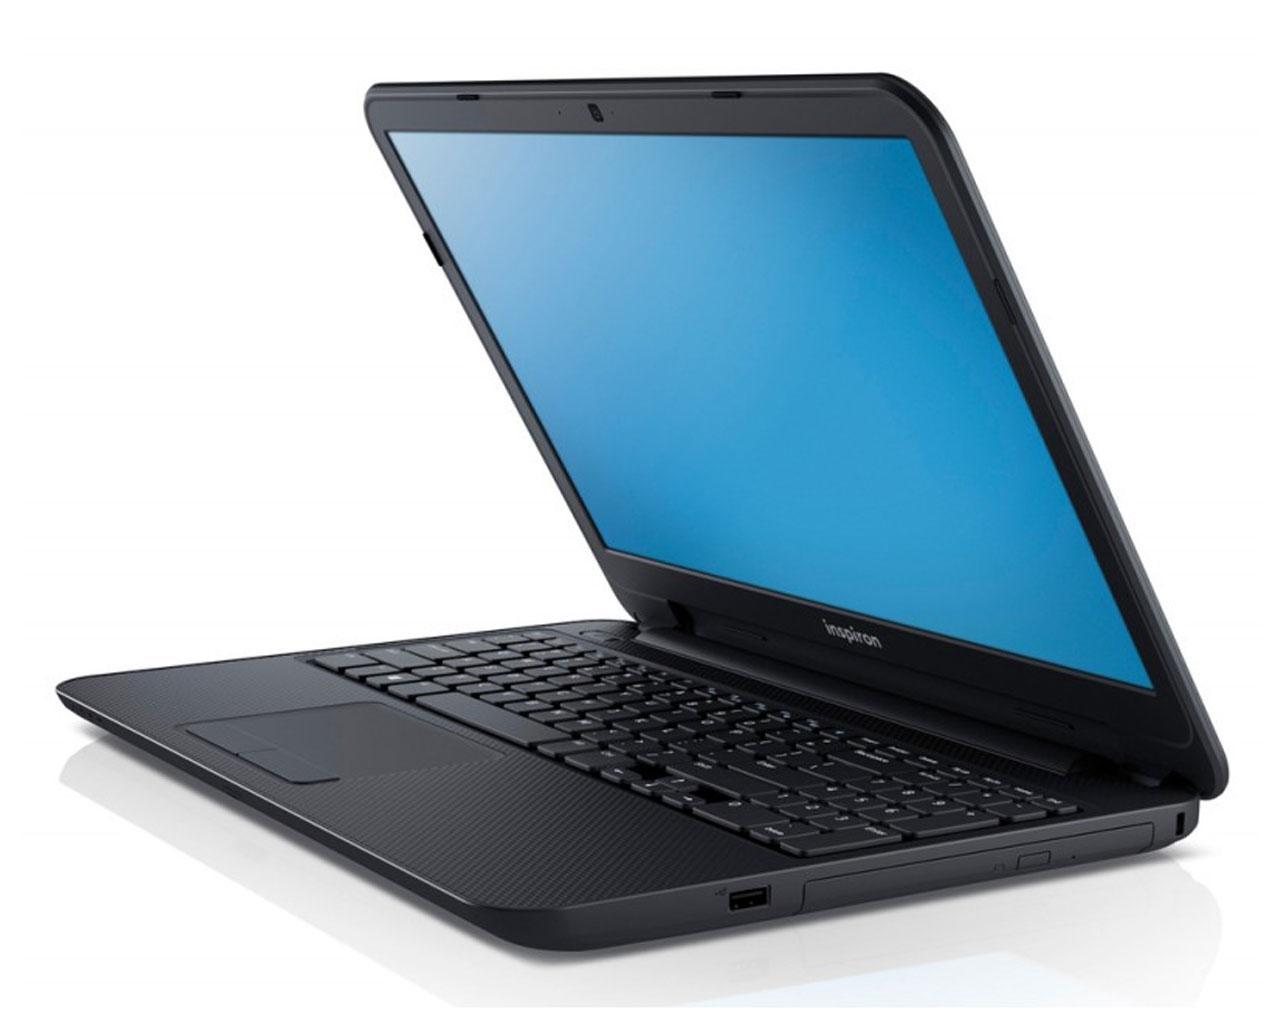 Thiết kế Dell Latitude E3540 khác biệt